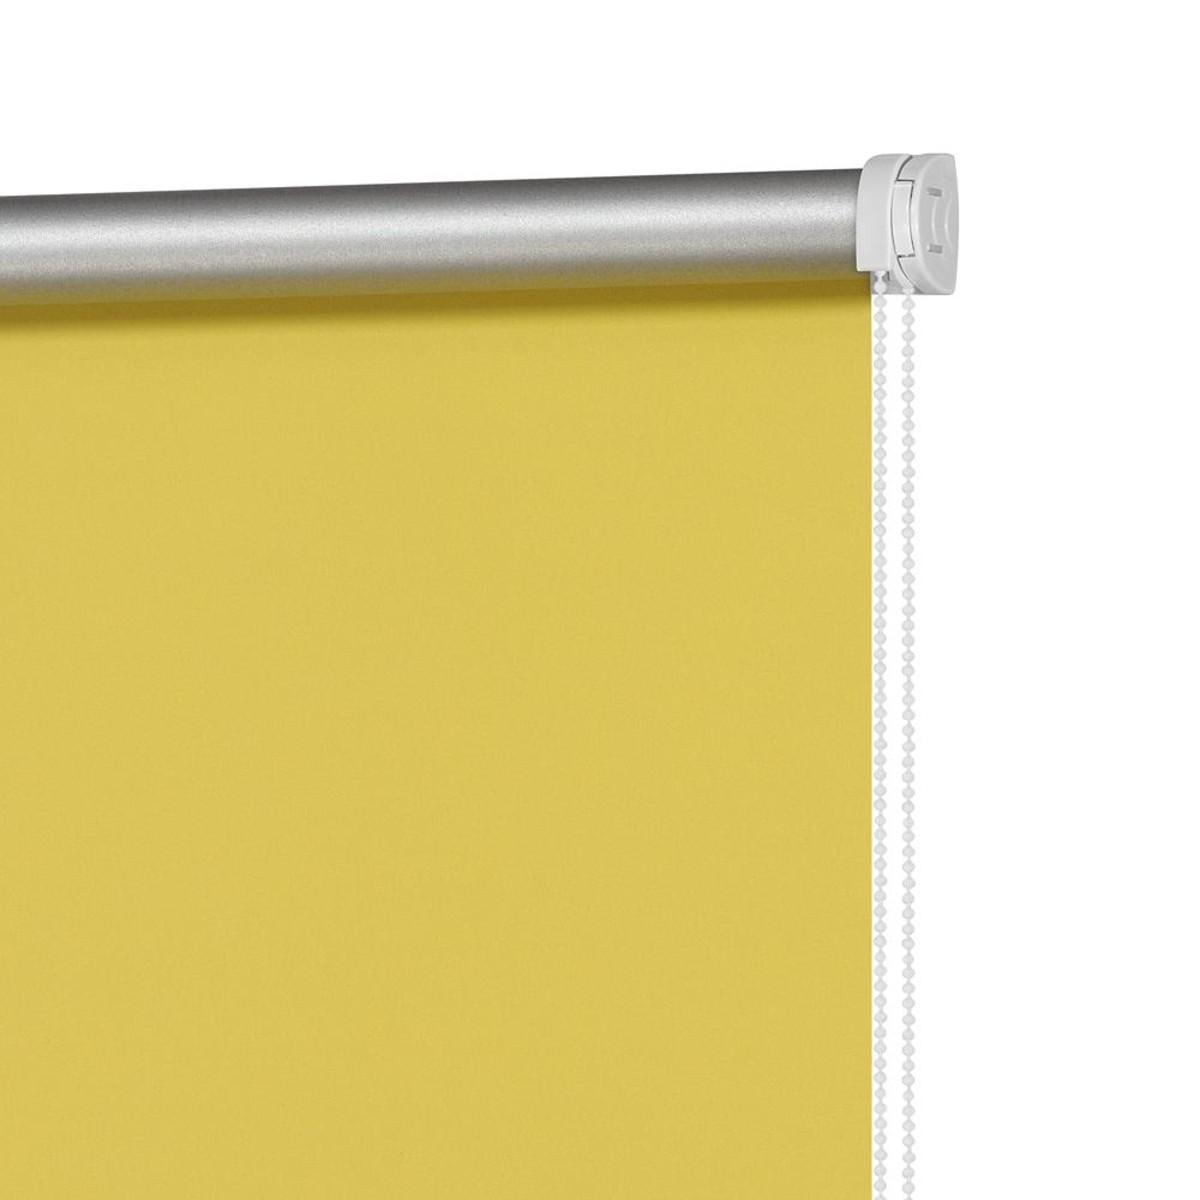 Рулонная Ора Decofest Блэкаут Плайн 90Х160 Цвет Желтый